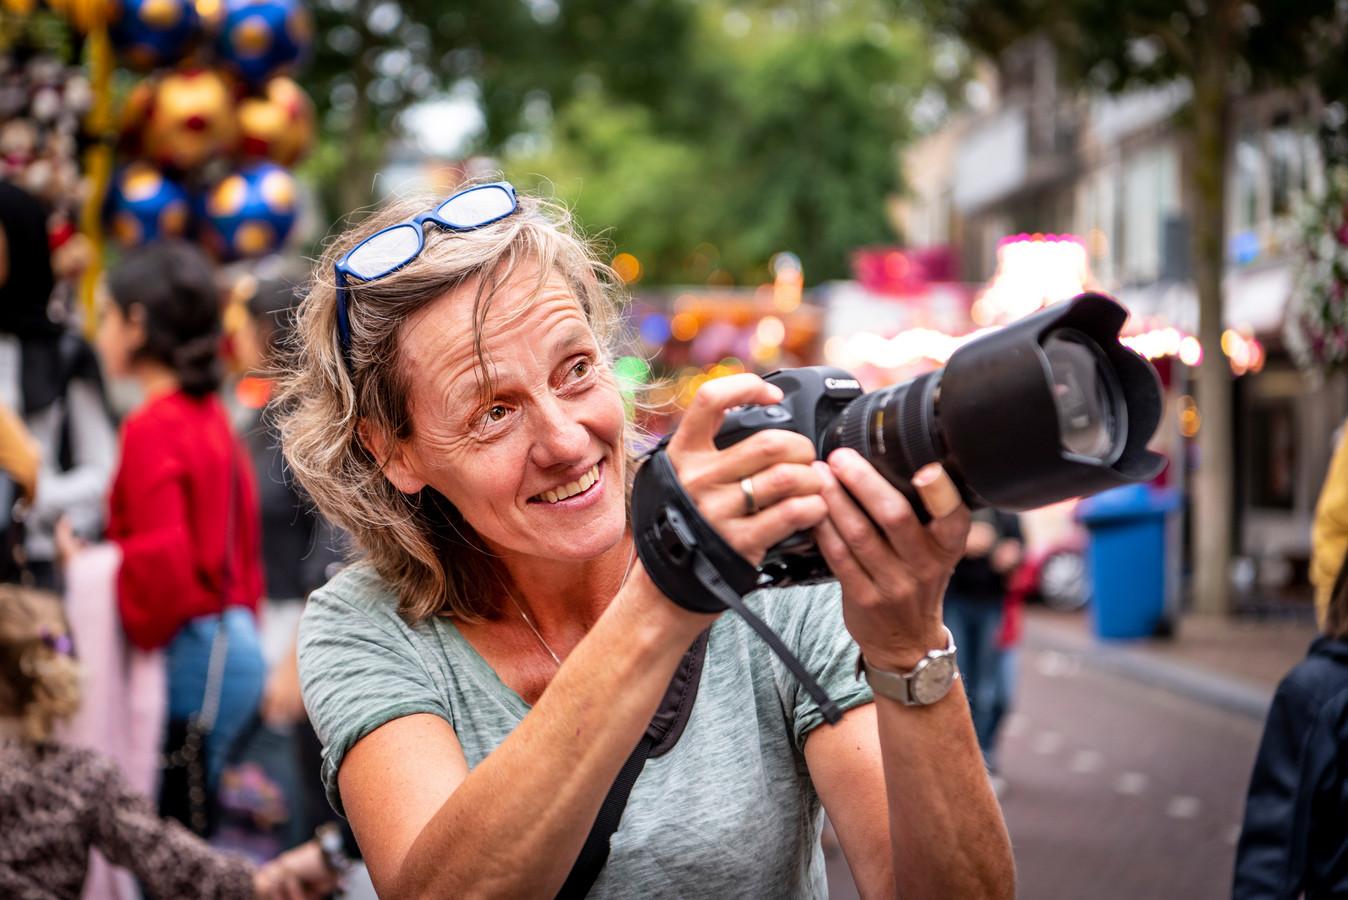 Fotografe Fien Kraanen fotografeert op de Osse kermis.